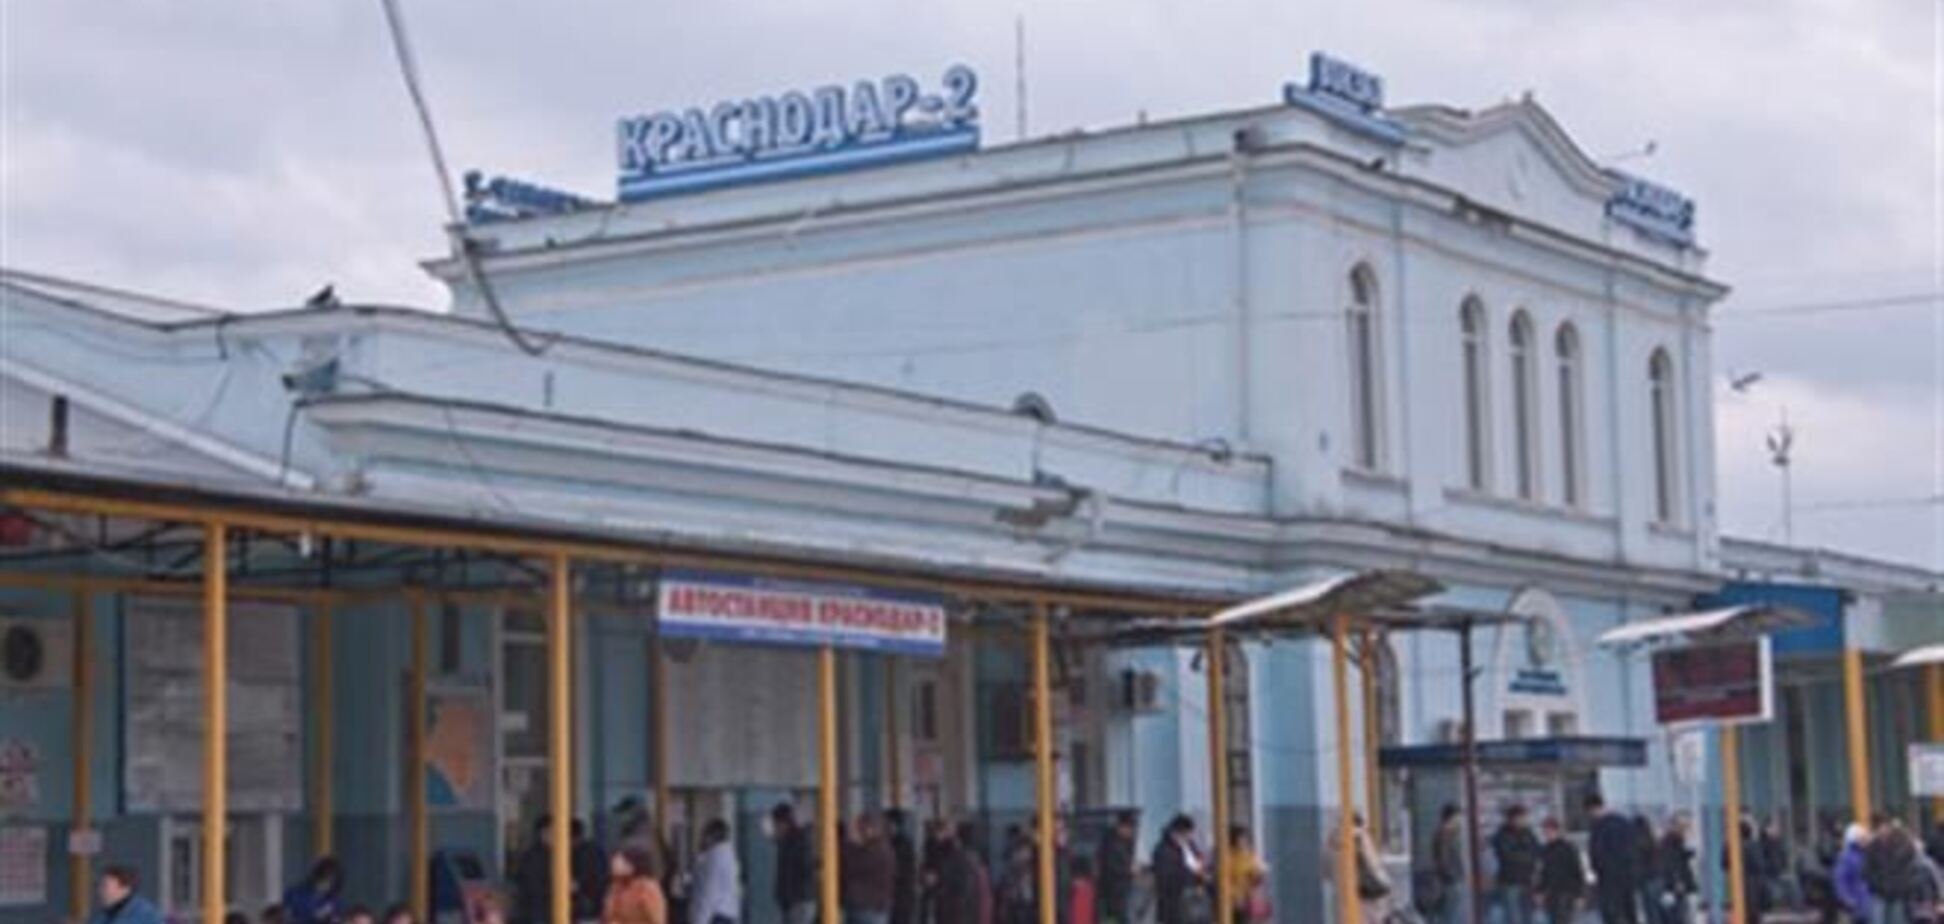 Автовокзал в Краснодаре эвакуирован из-за подозрительного предмета